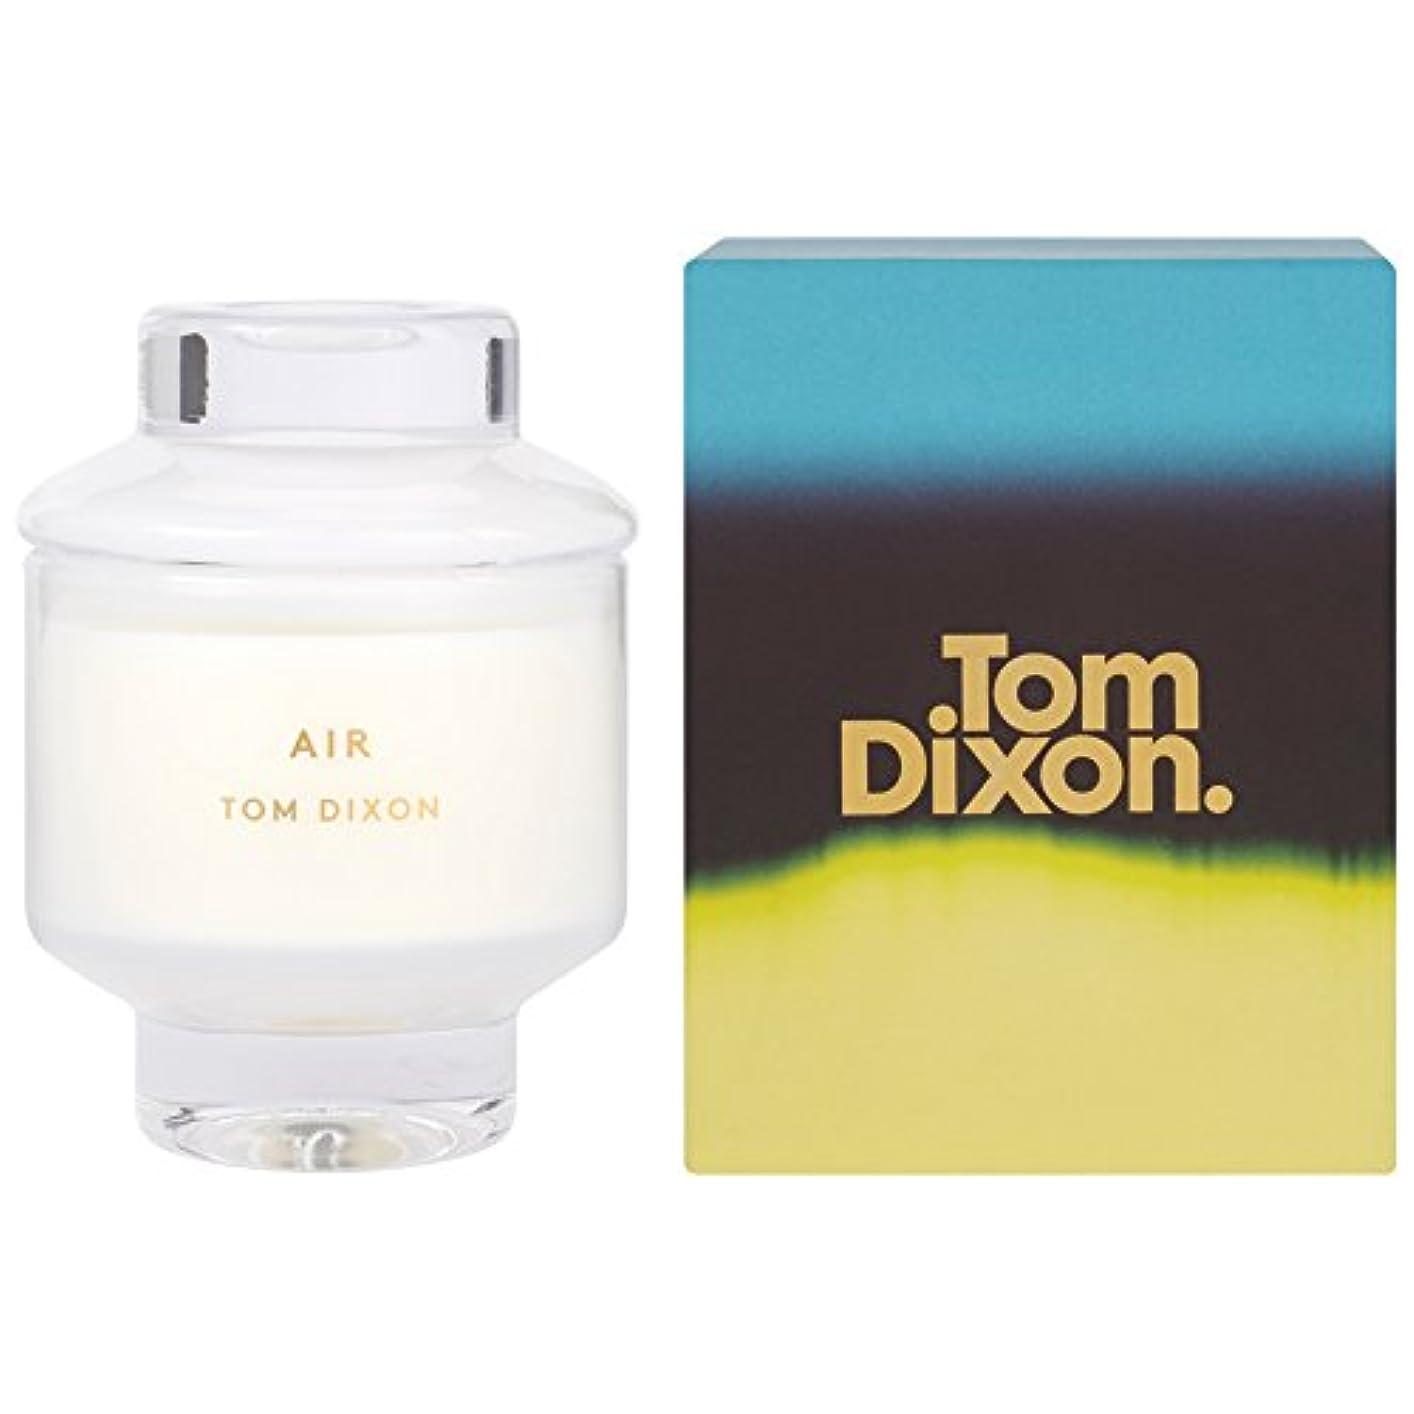 テスピアン歌クレータートム?ディクソン空気の香りのキャンドル媒体 x6 - Tom Dixon Air Scented Candle Medium (Pack of 6) [並行輸入品]